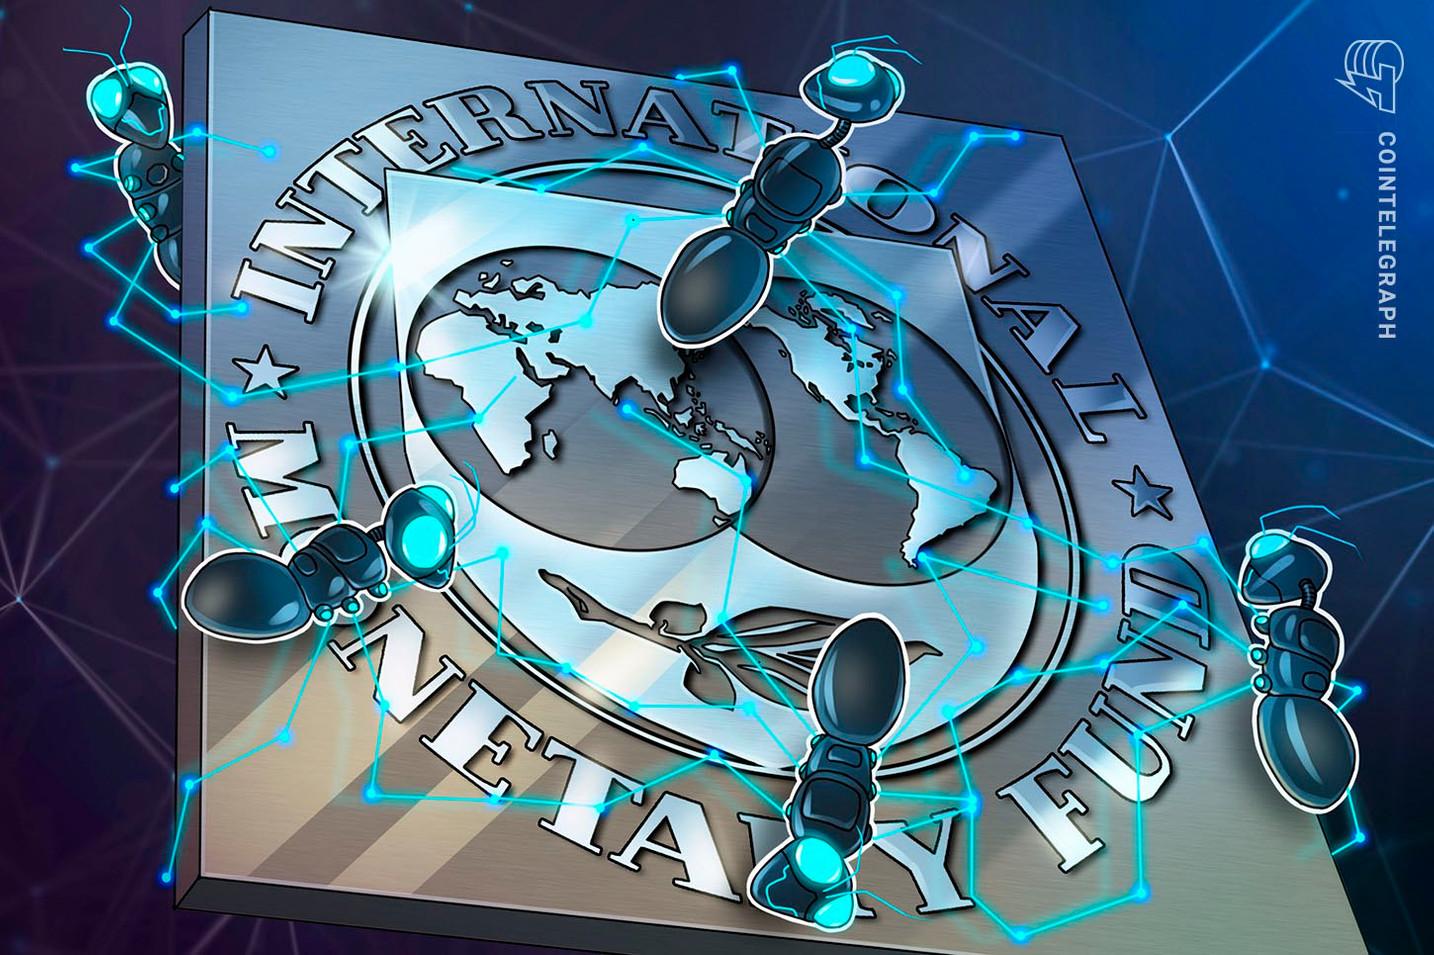 يجادل محامون من صندوق النقد الدولي بأن البنوك المركزية بحاجة إلى الإصلاح قبل أن تتمكن من إصدار عملات رقمية للبنوك المركزية